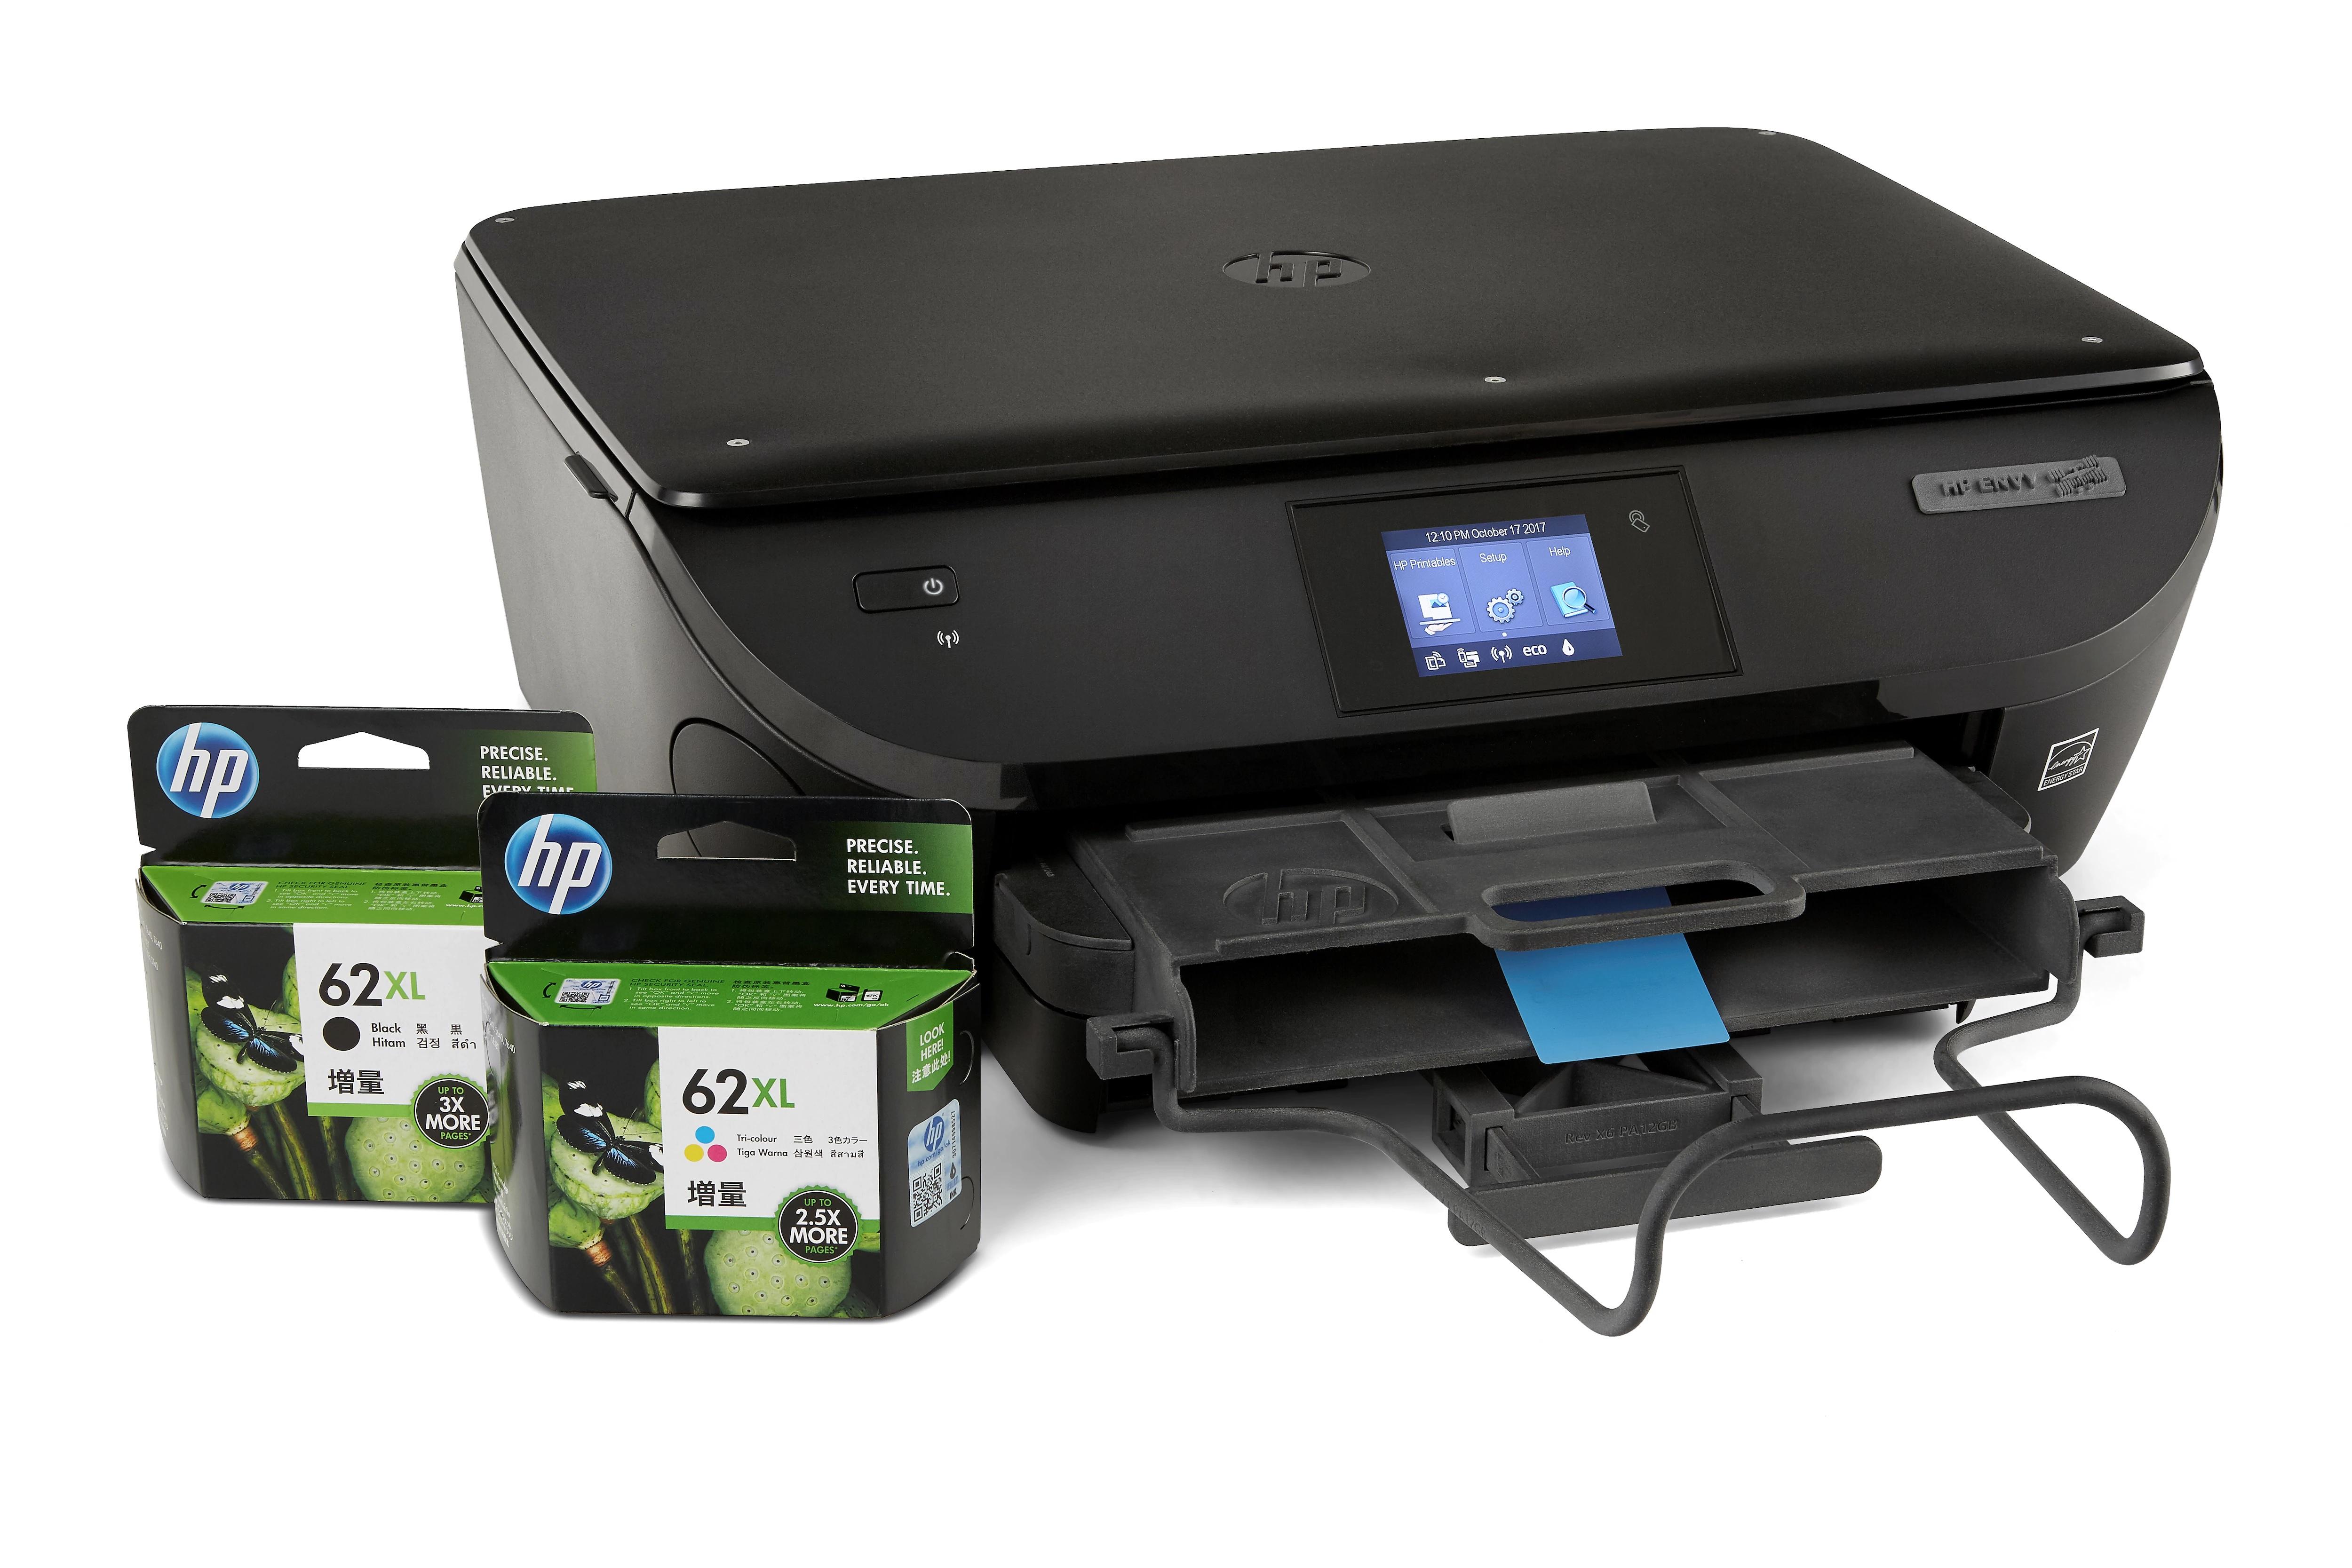 Hp envy 120 printer review uk dating 4